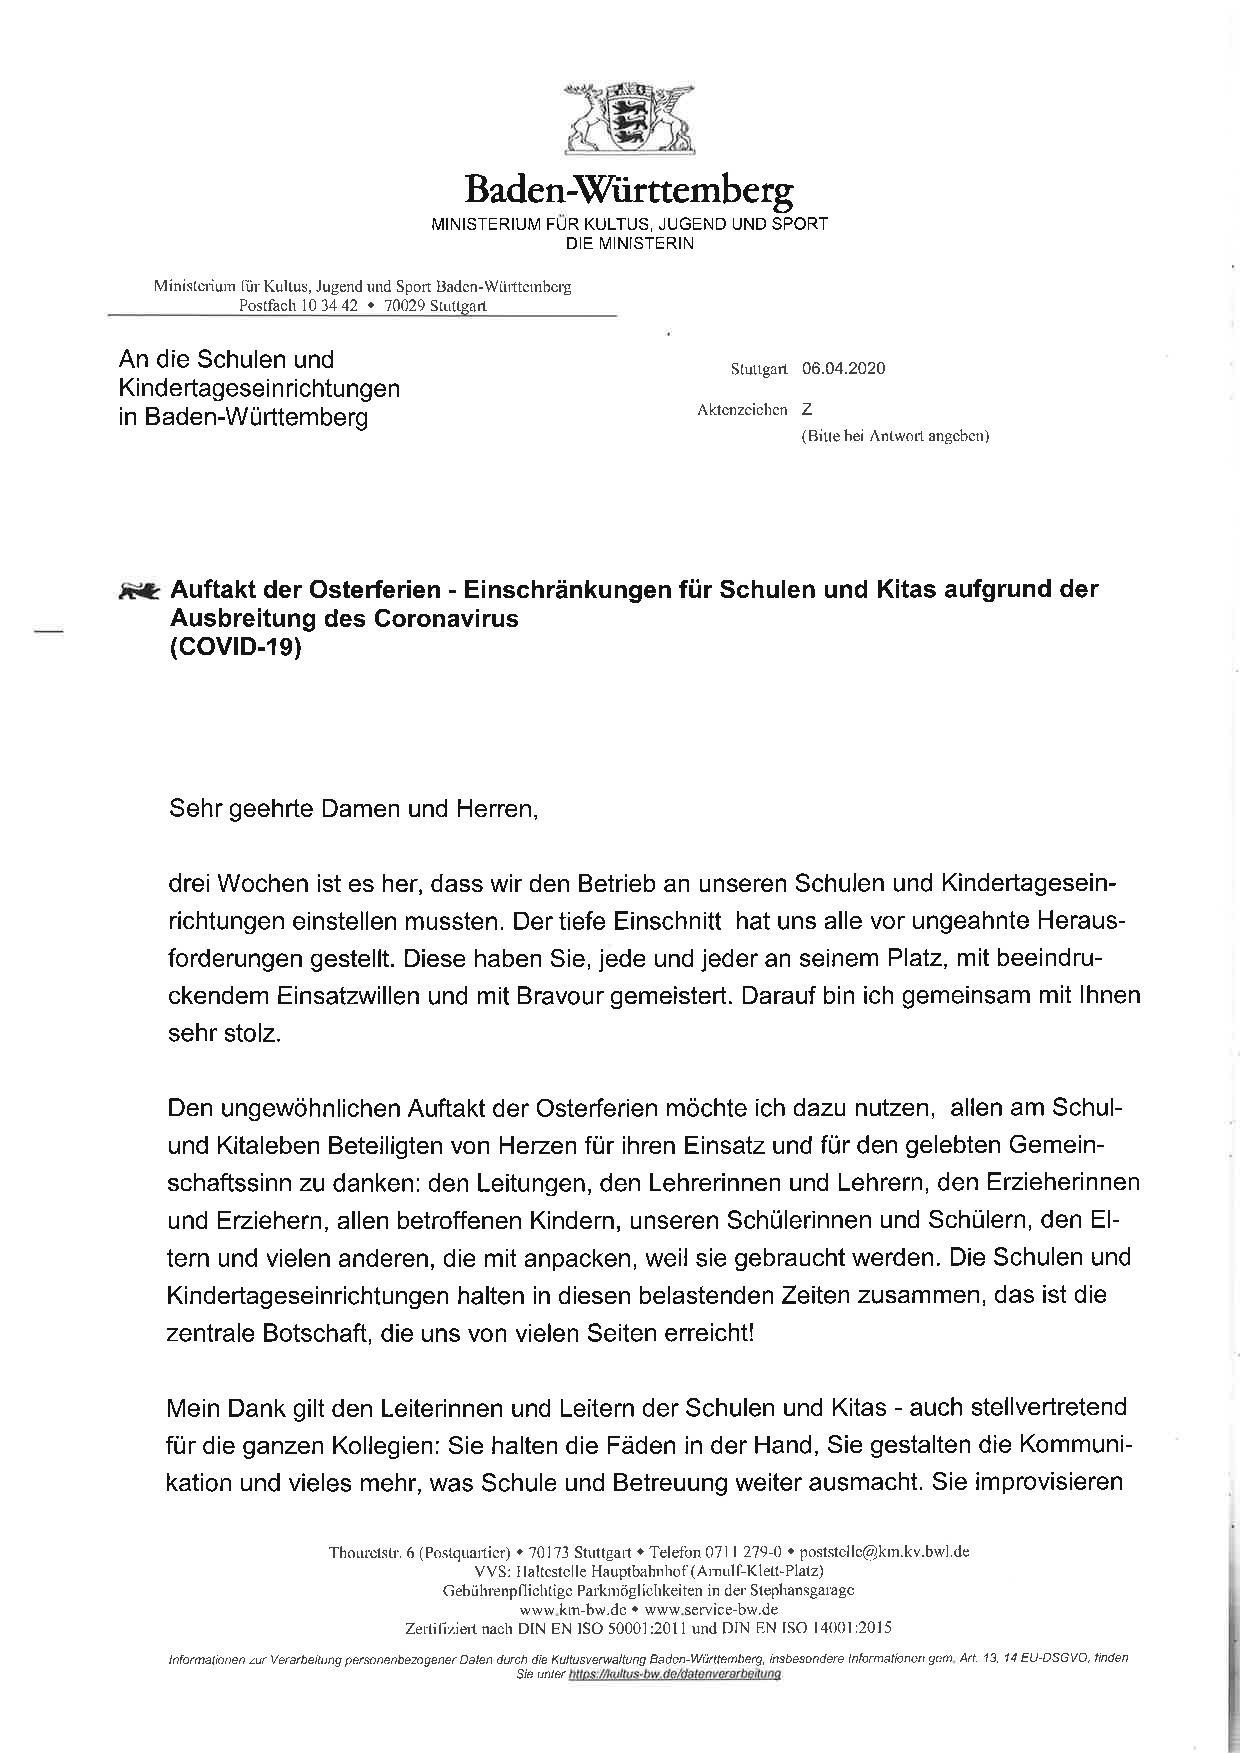 2020_04_06_Schreiben_Ministerin_Auftakt_Osterferien-001